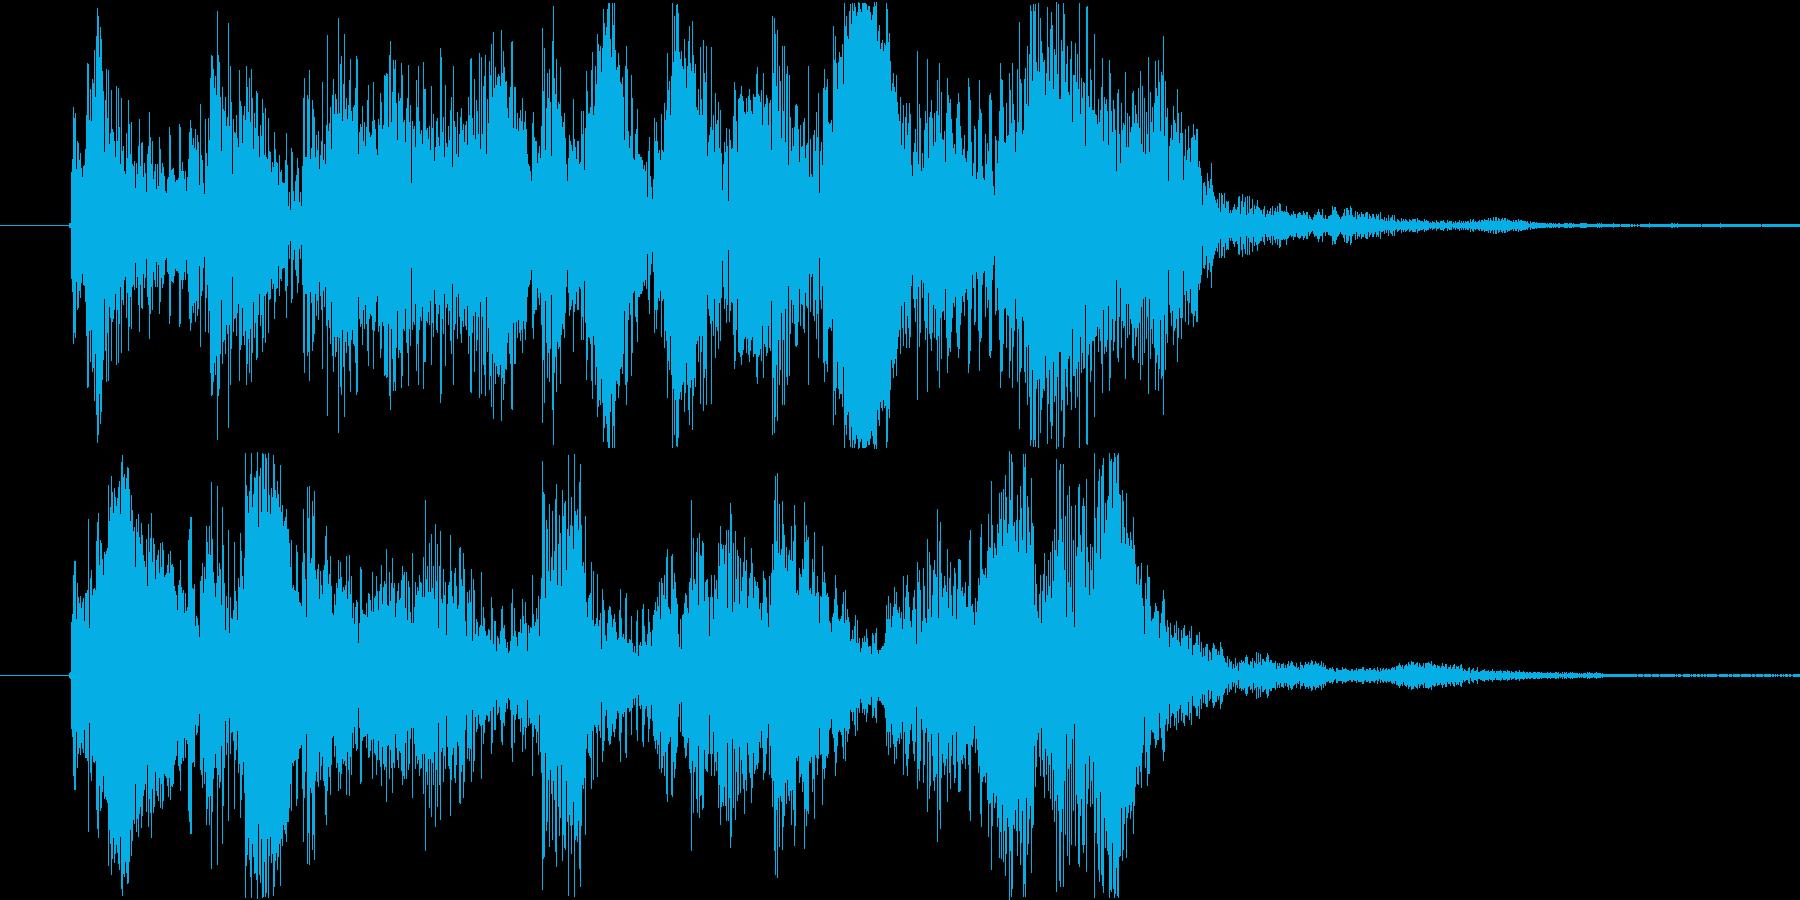 ジングル ゲームクリアの再生済みの波形